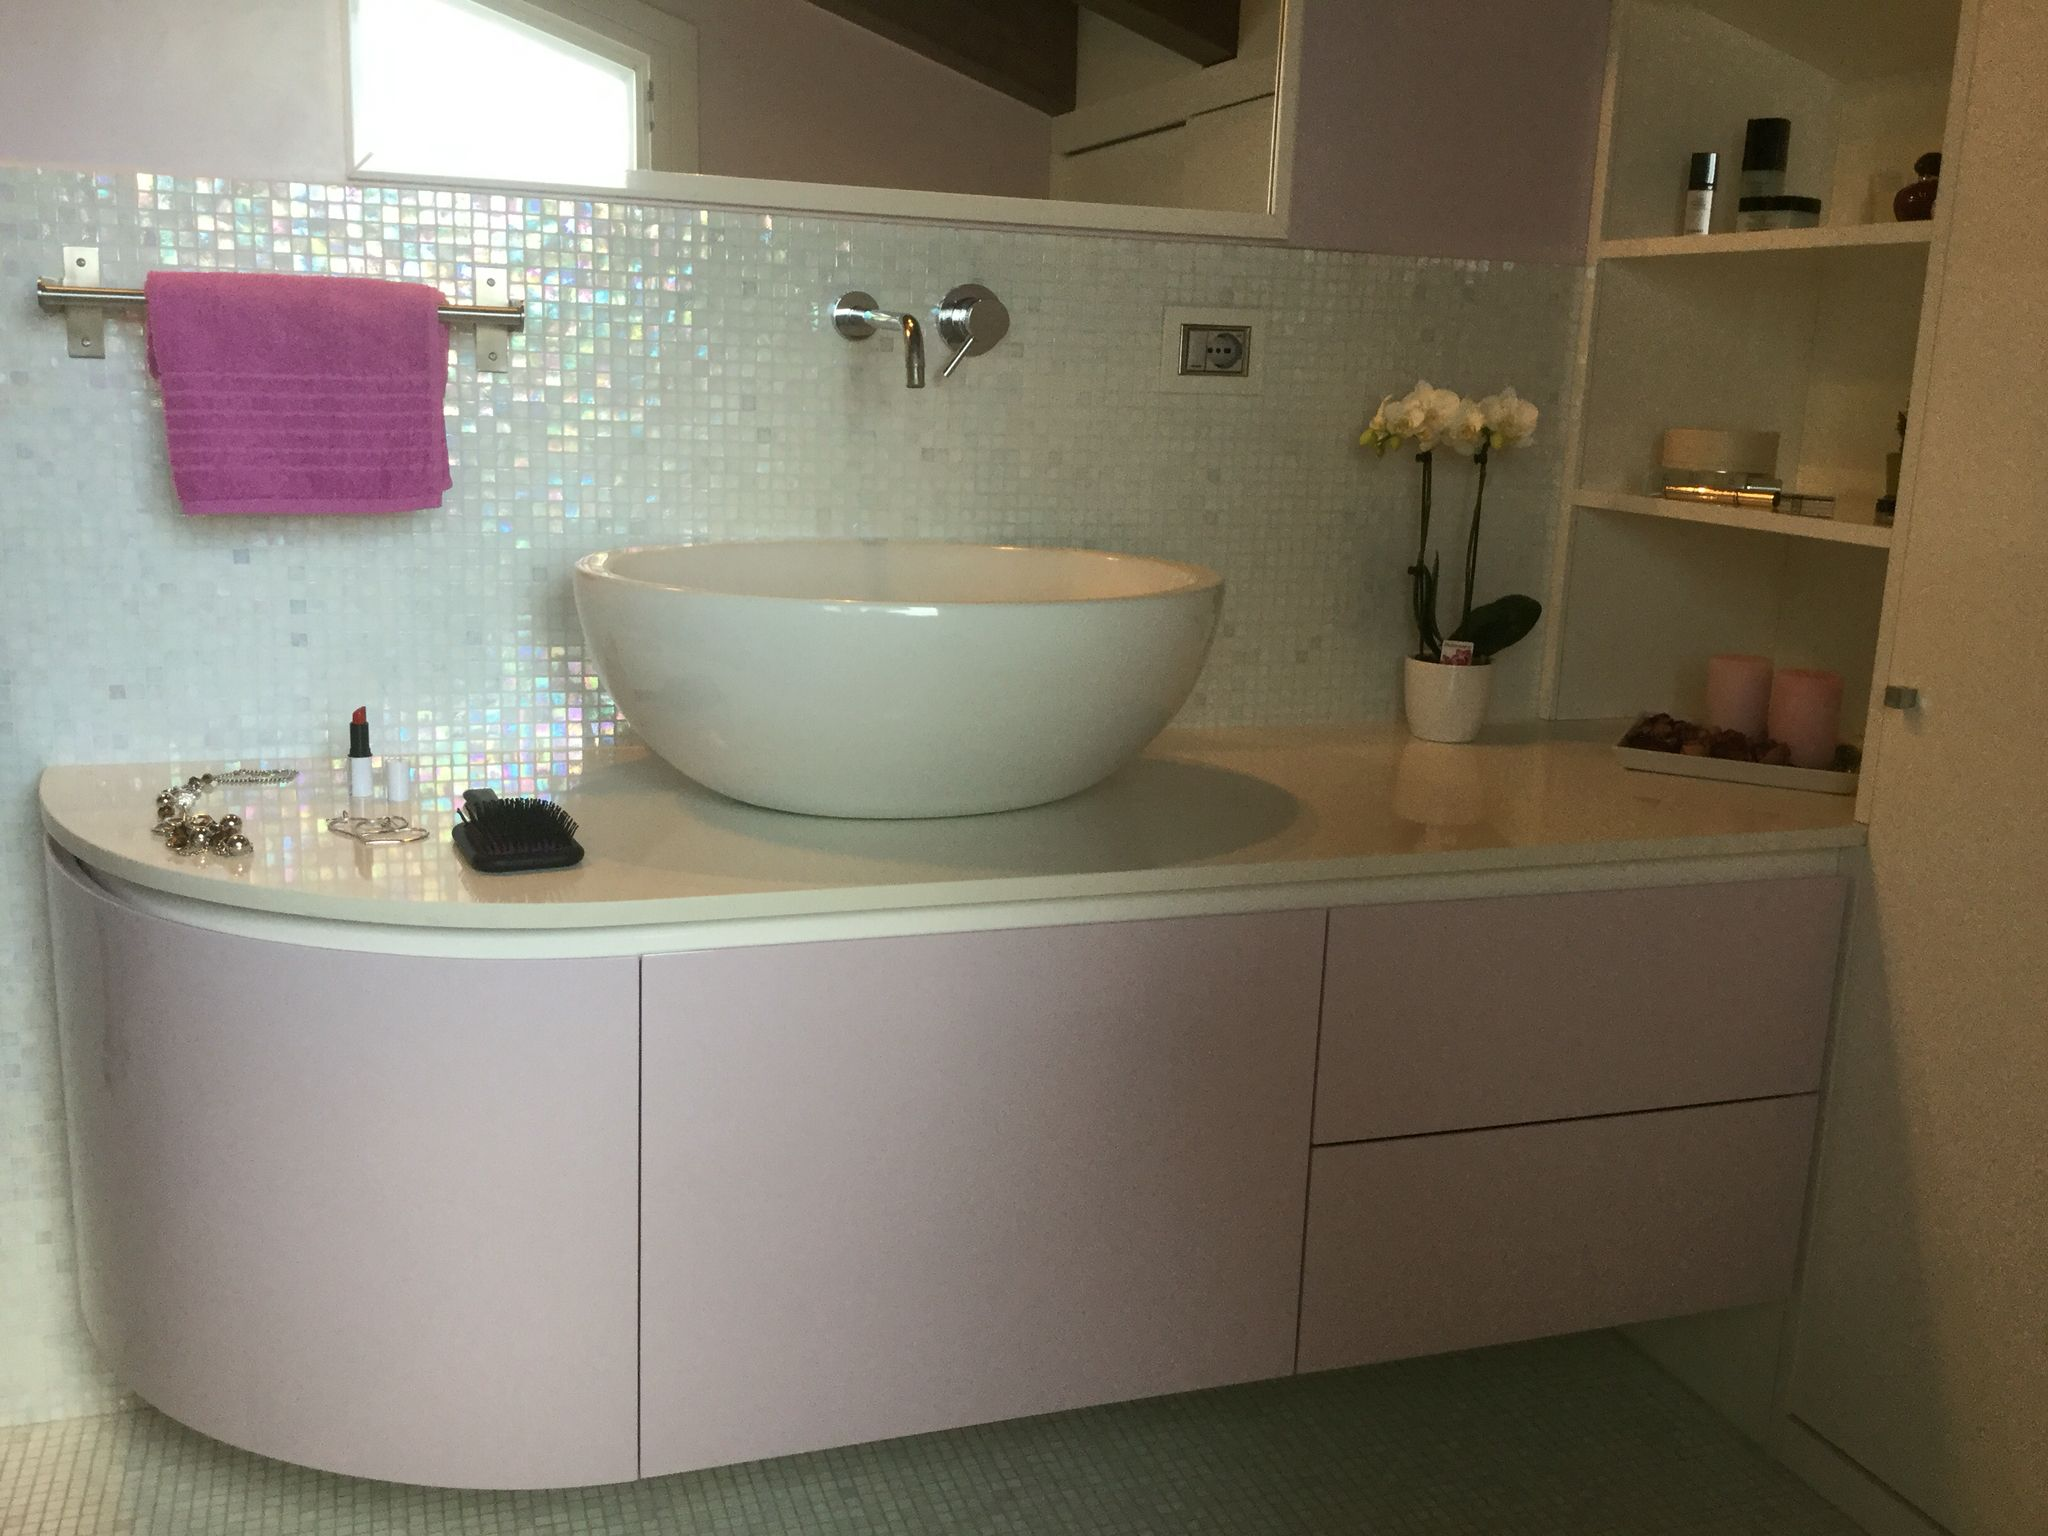 Armadietto Bagno ~ Arredo bagno personalizzato per mansarda laccato lucido bianco e